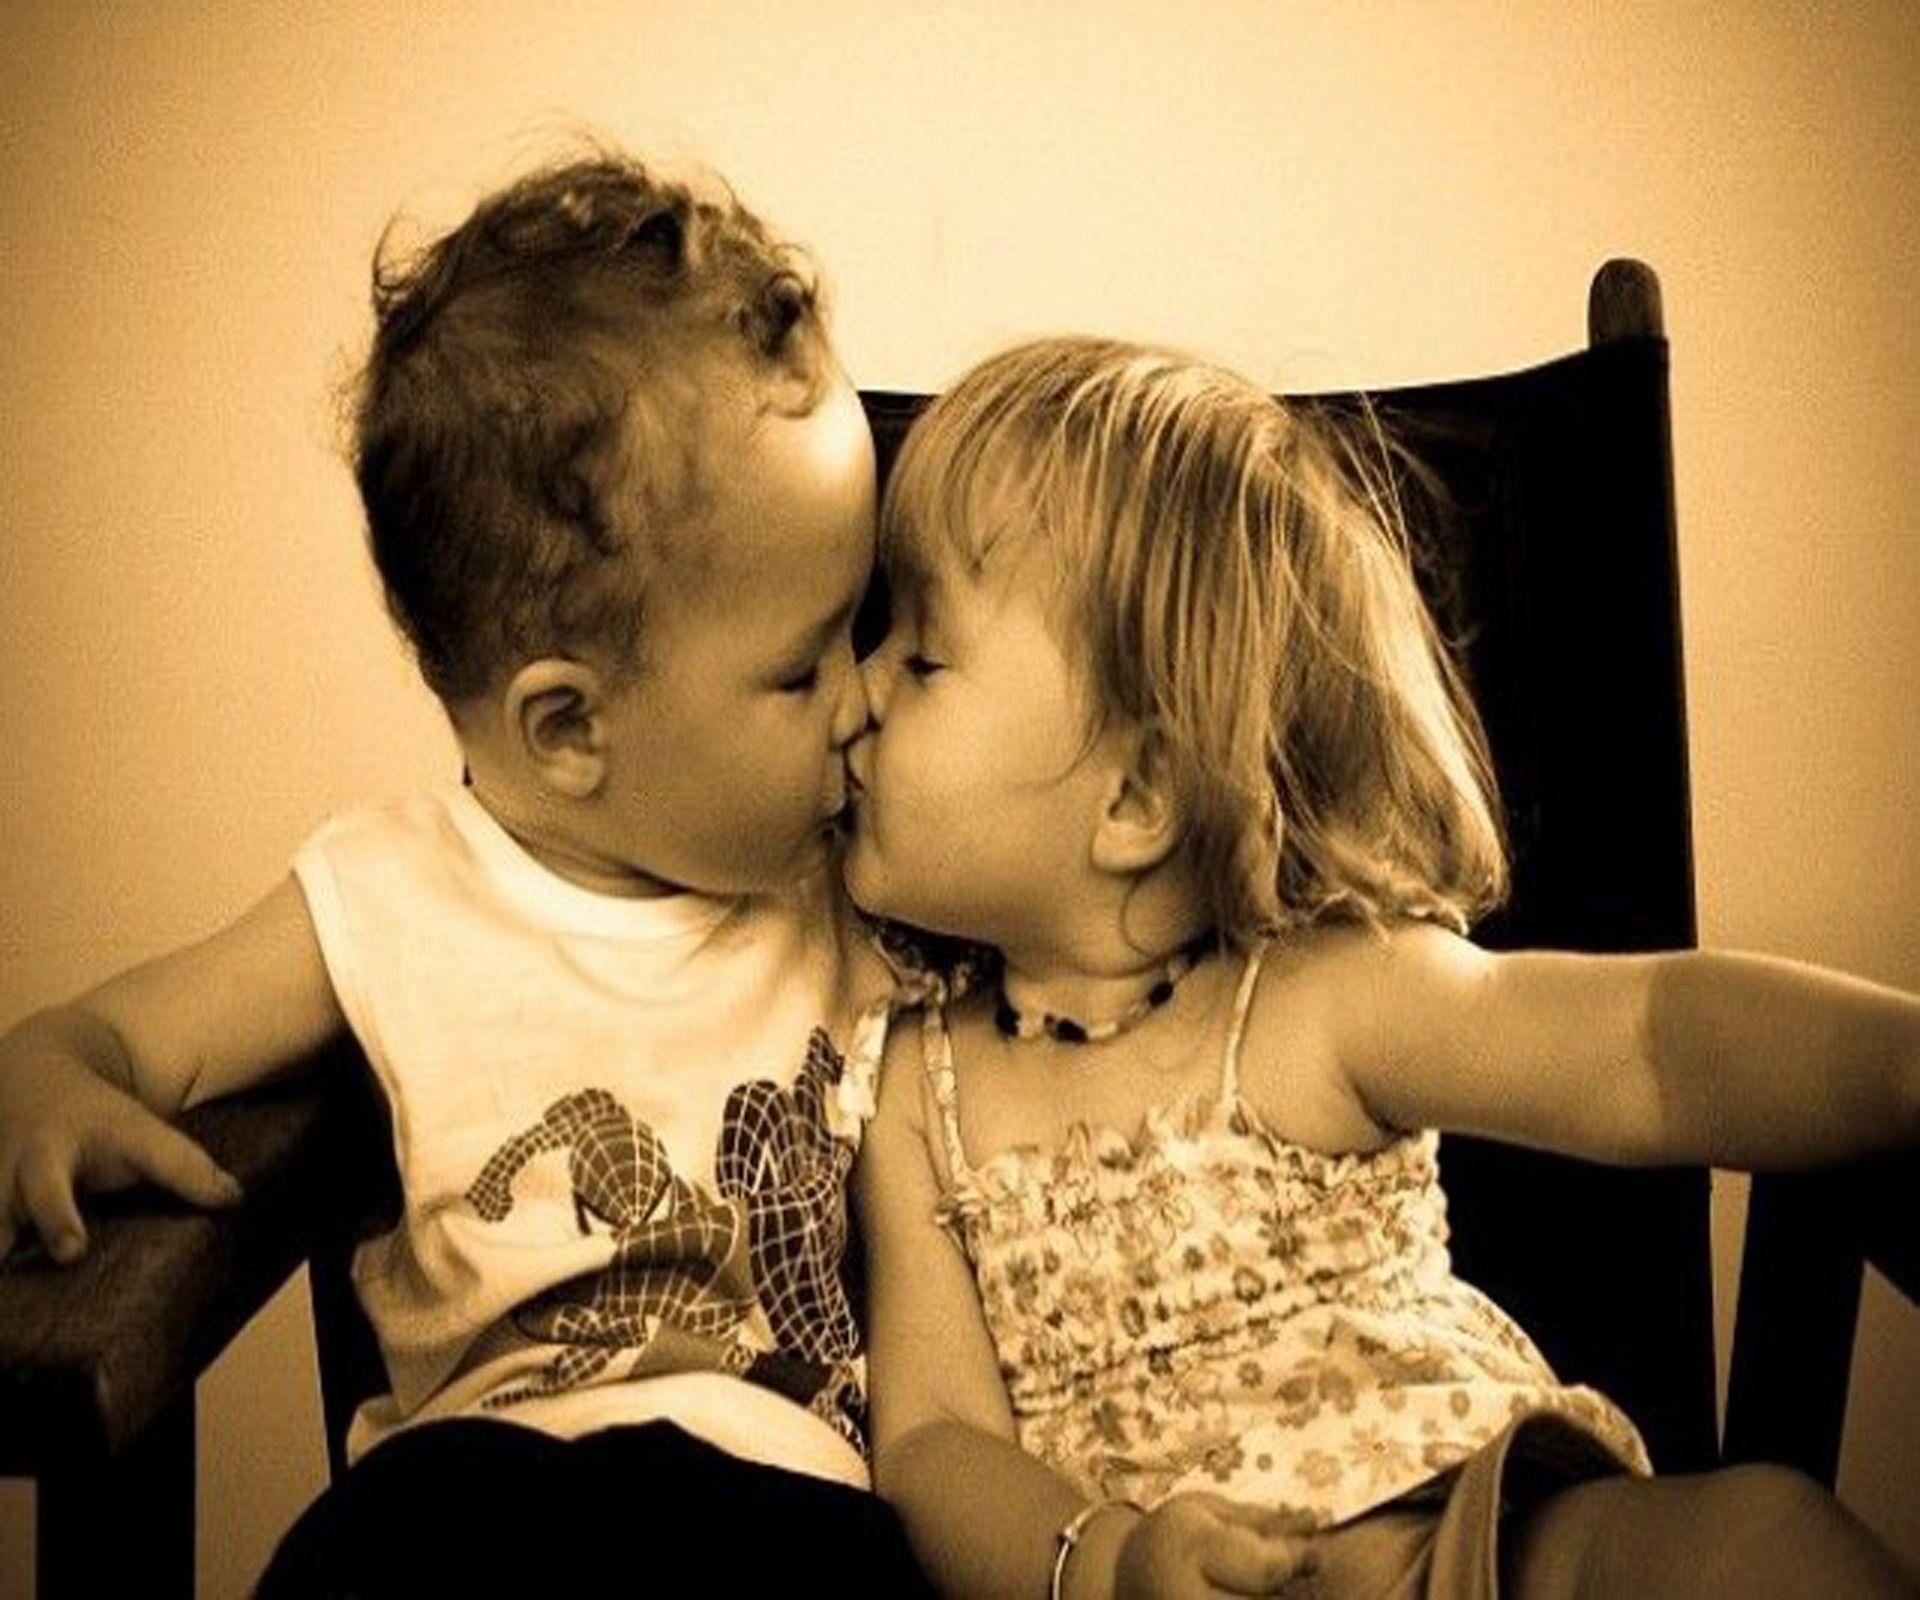 Прикольные картинки поцелуй на ночь смотреть